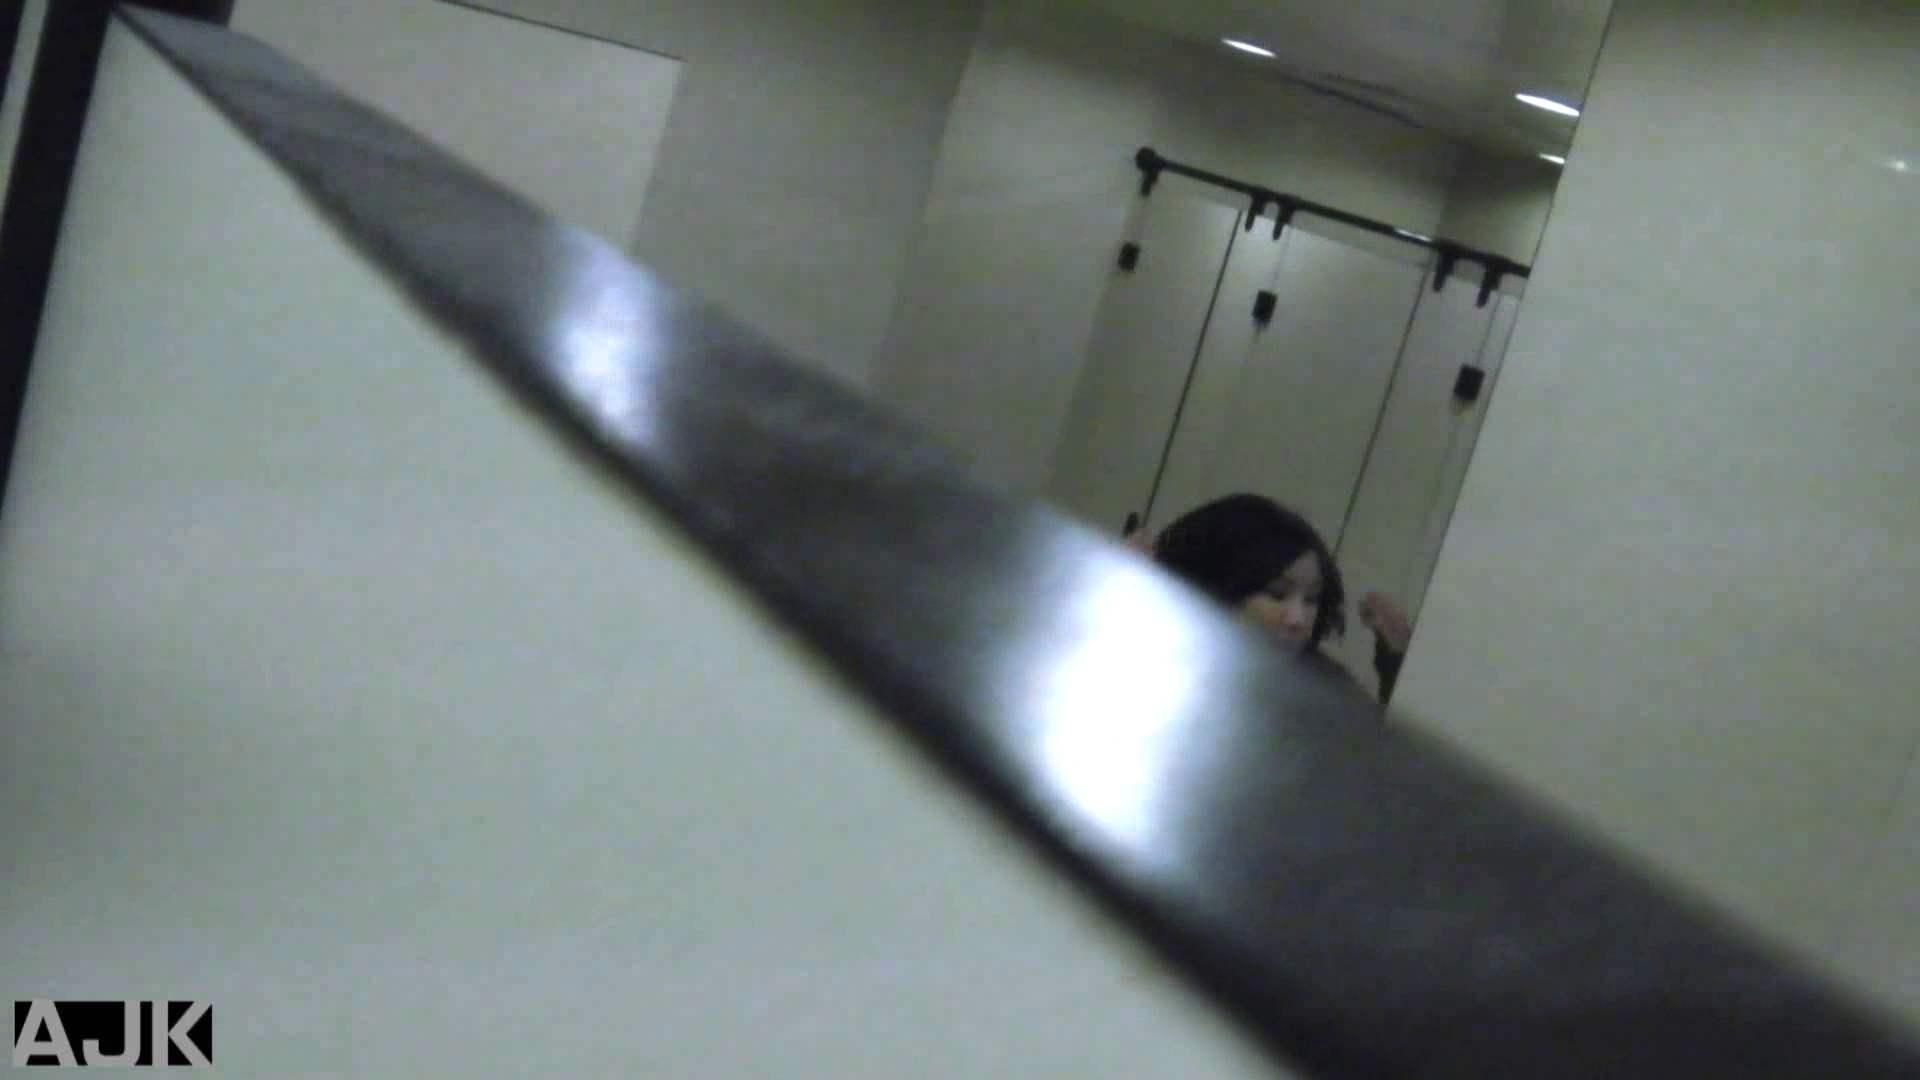 隣国上階級エリアの令嬢たちが集うデパートお手洗い Vol.01 お手洗いの中   丸見え のぞき 84枚 1